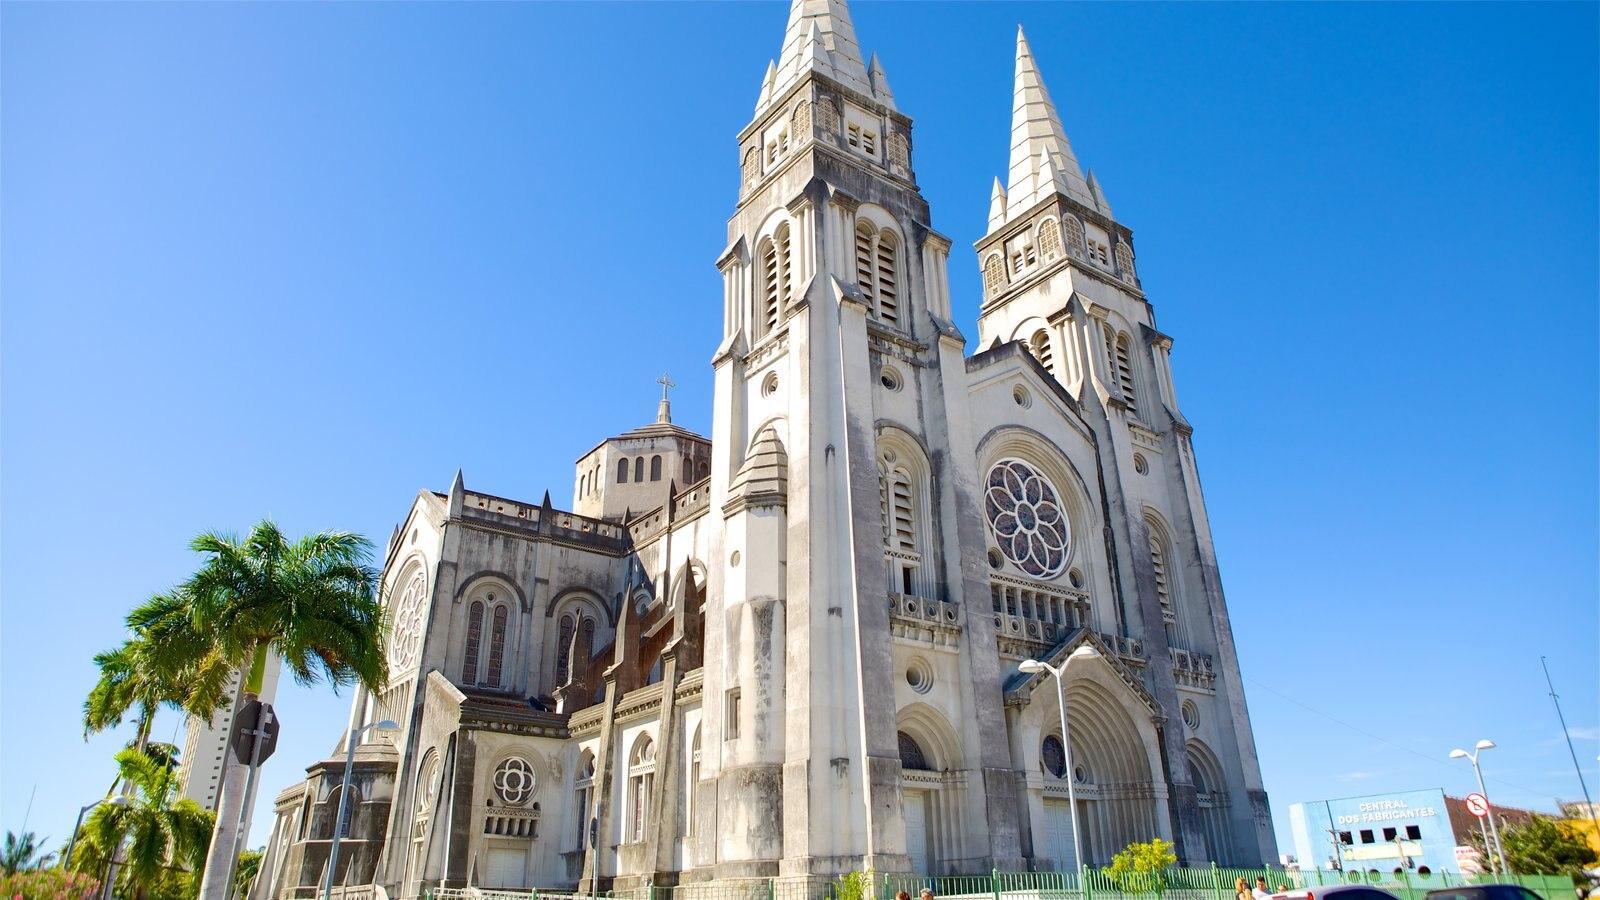 Catedral Metropolitana de Fortaleza mostrando uma igreja ou catedral, cenas tropicais e cenas de rua